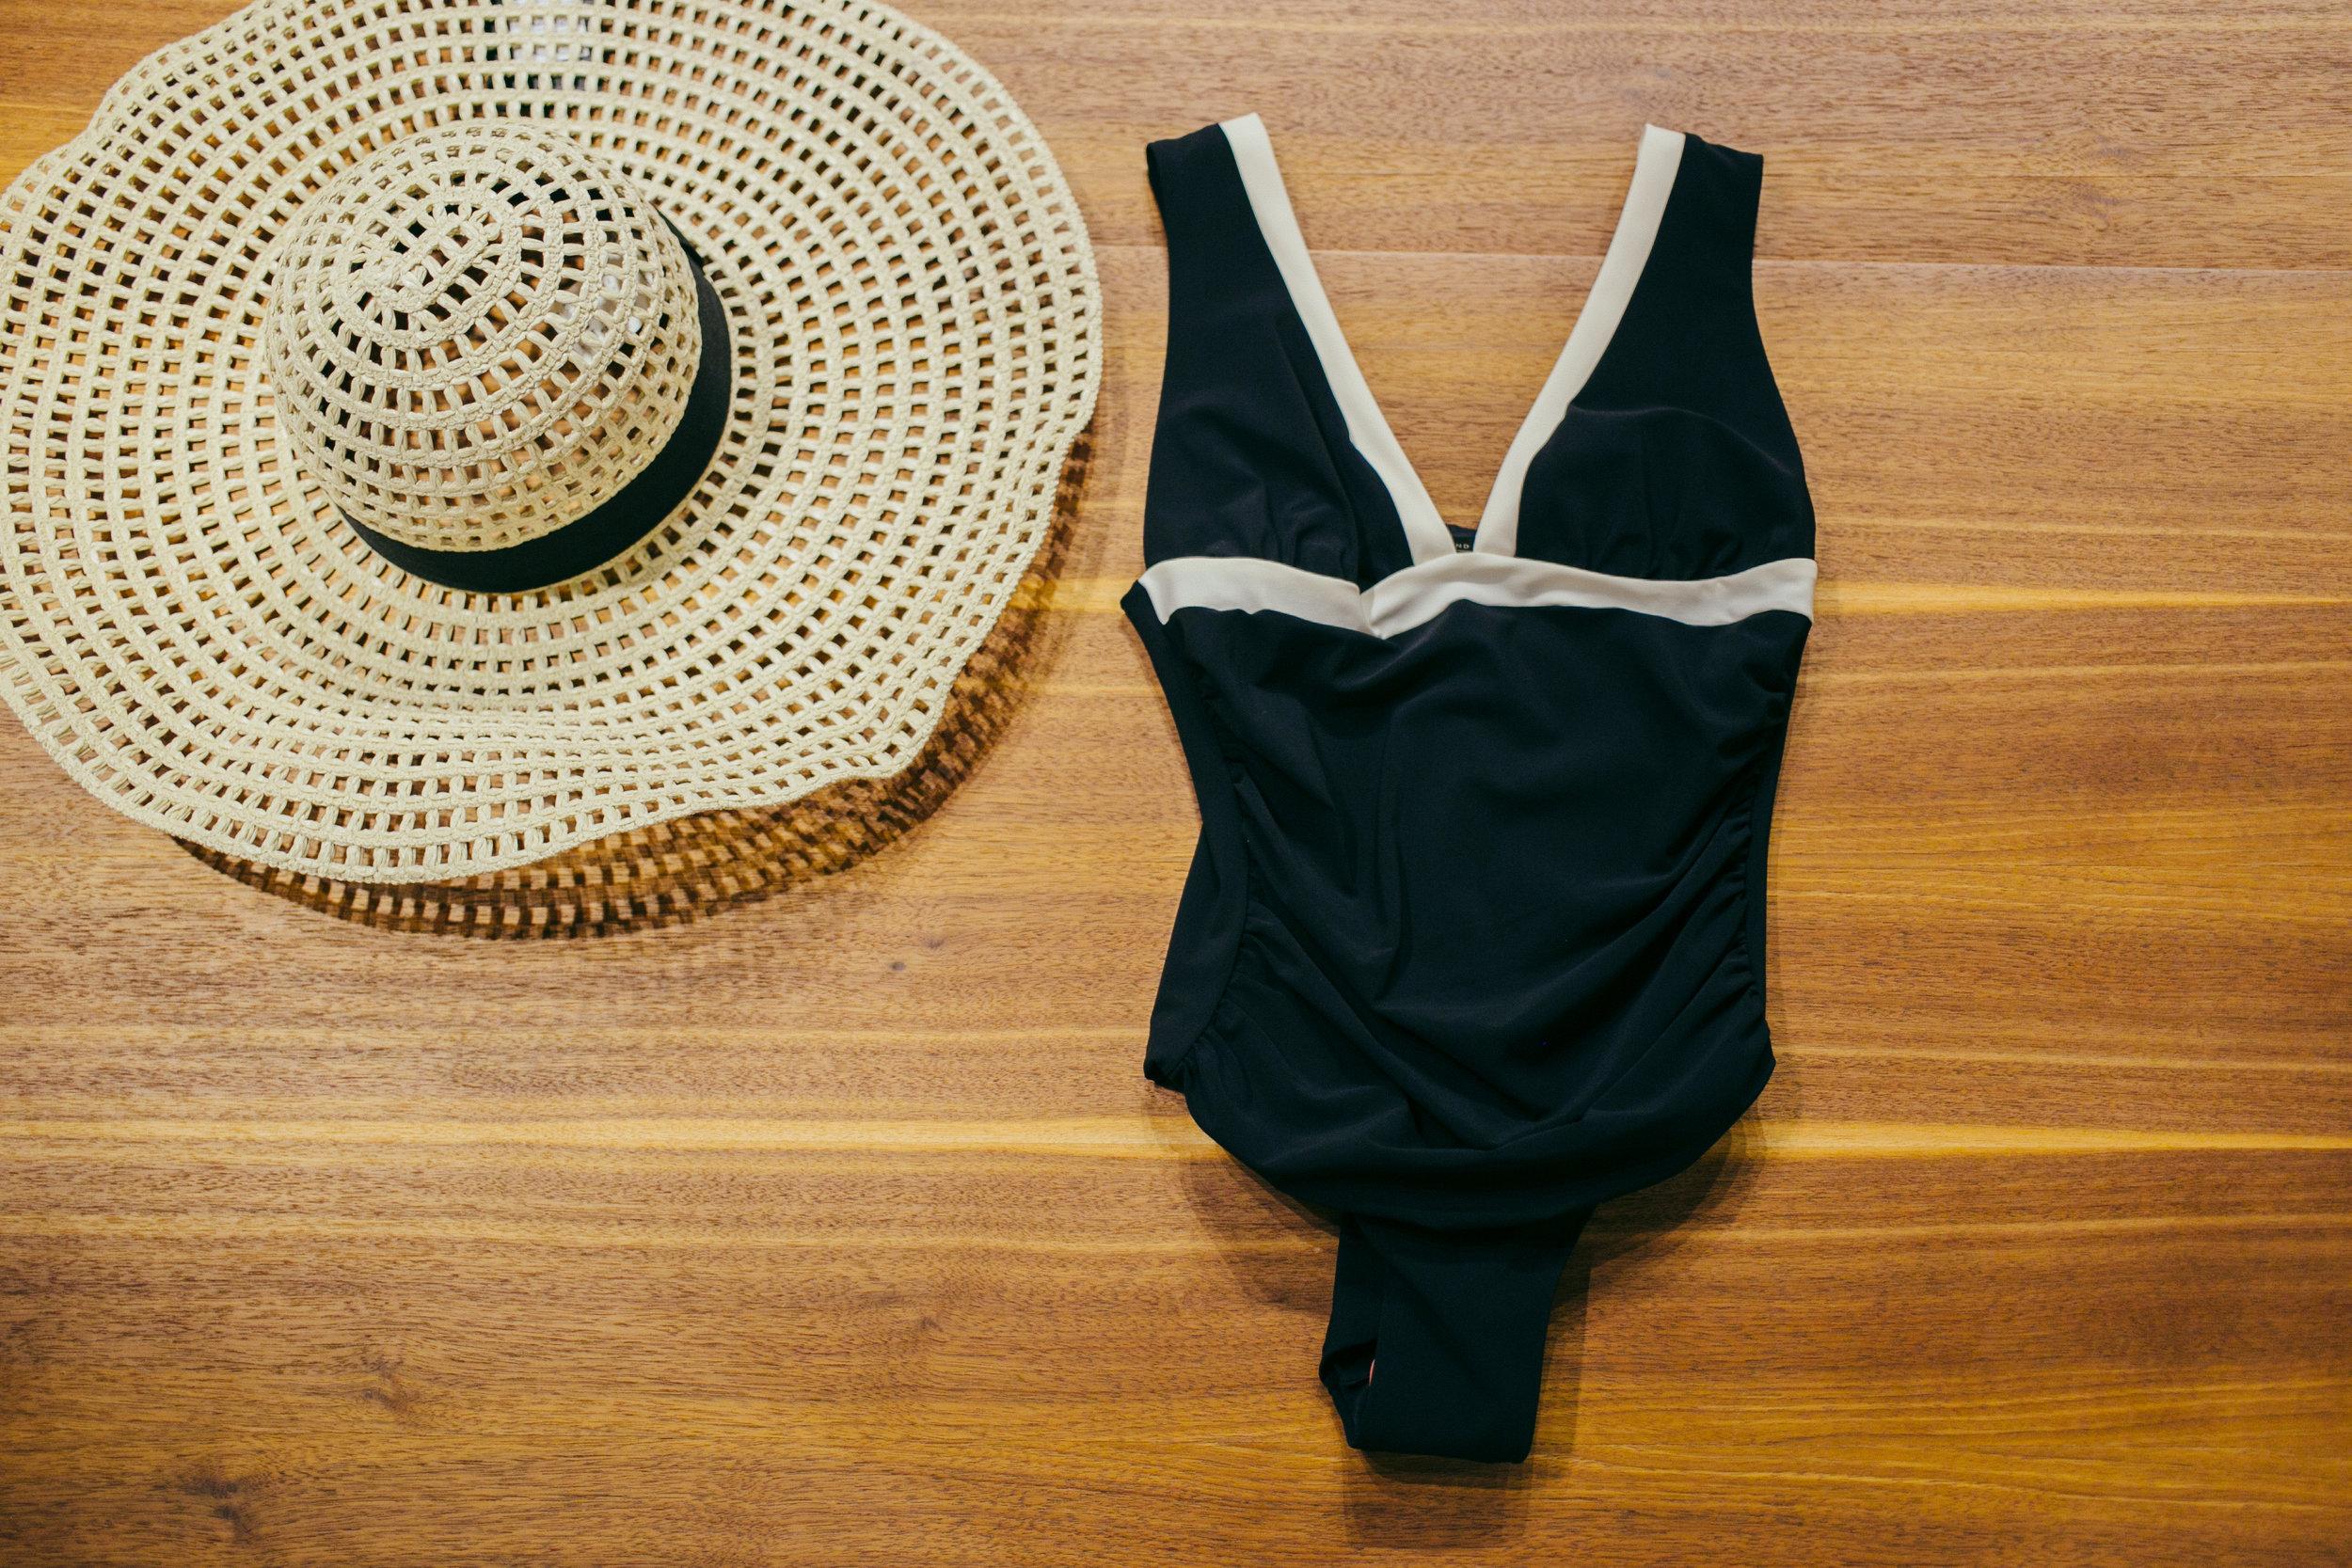 Weekend Max Mara- едноделен костим за капење, шешир